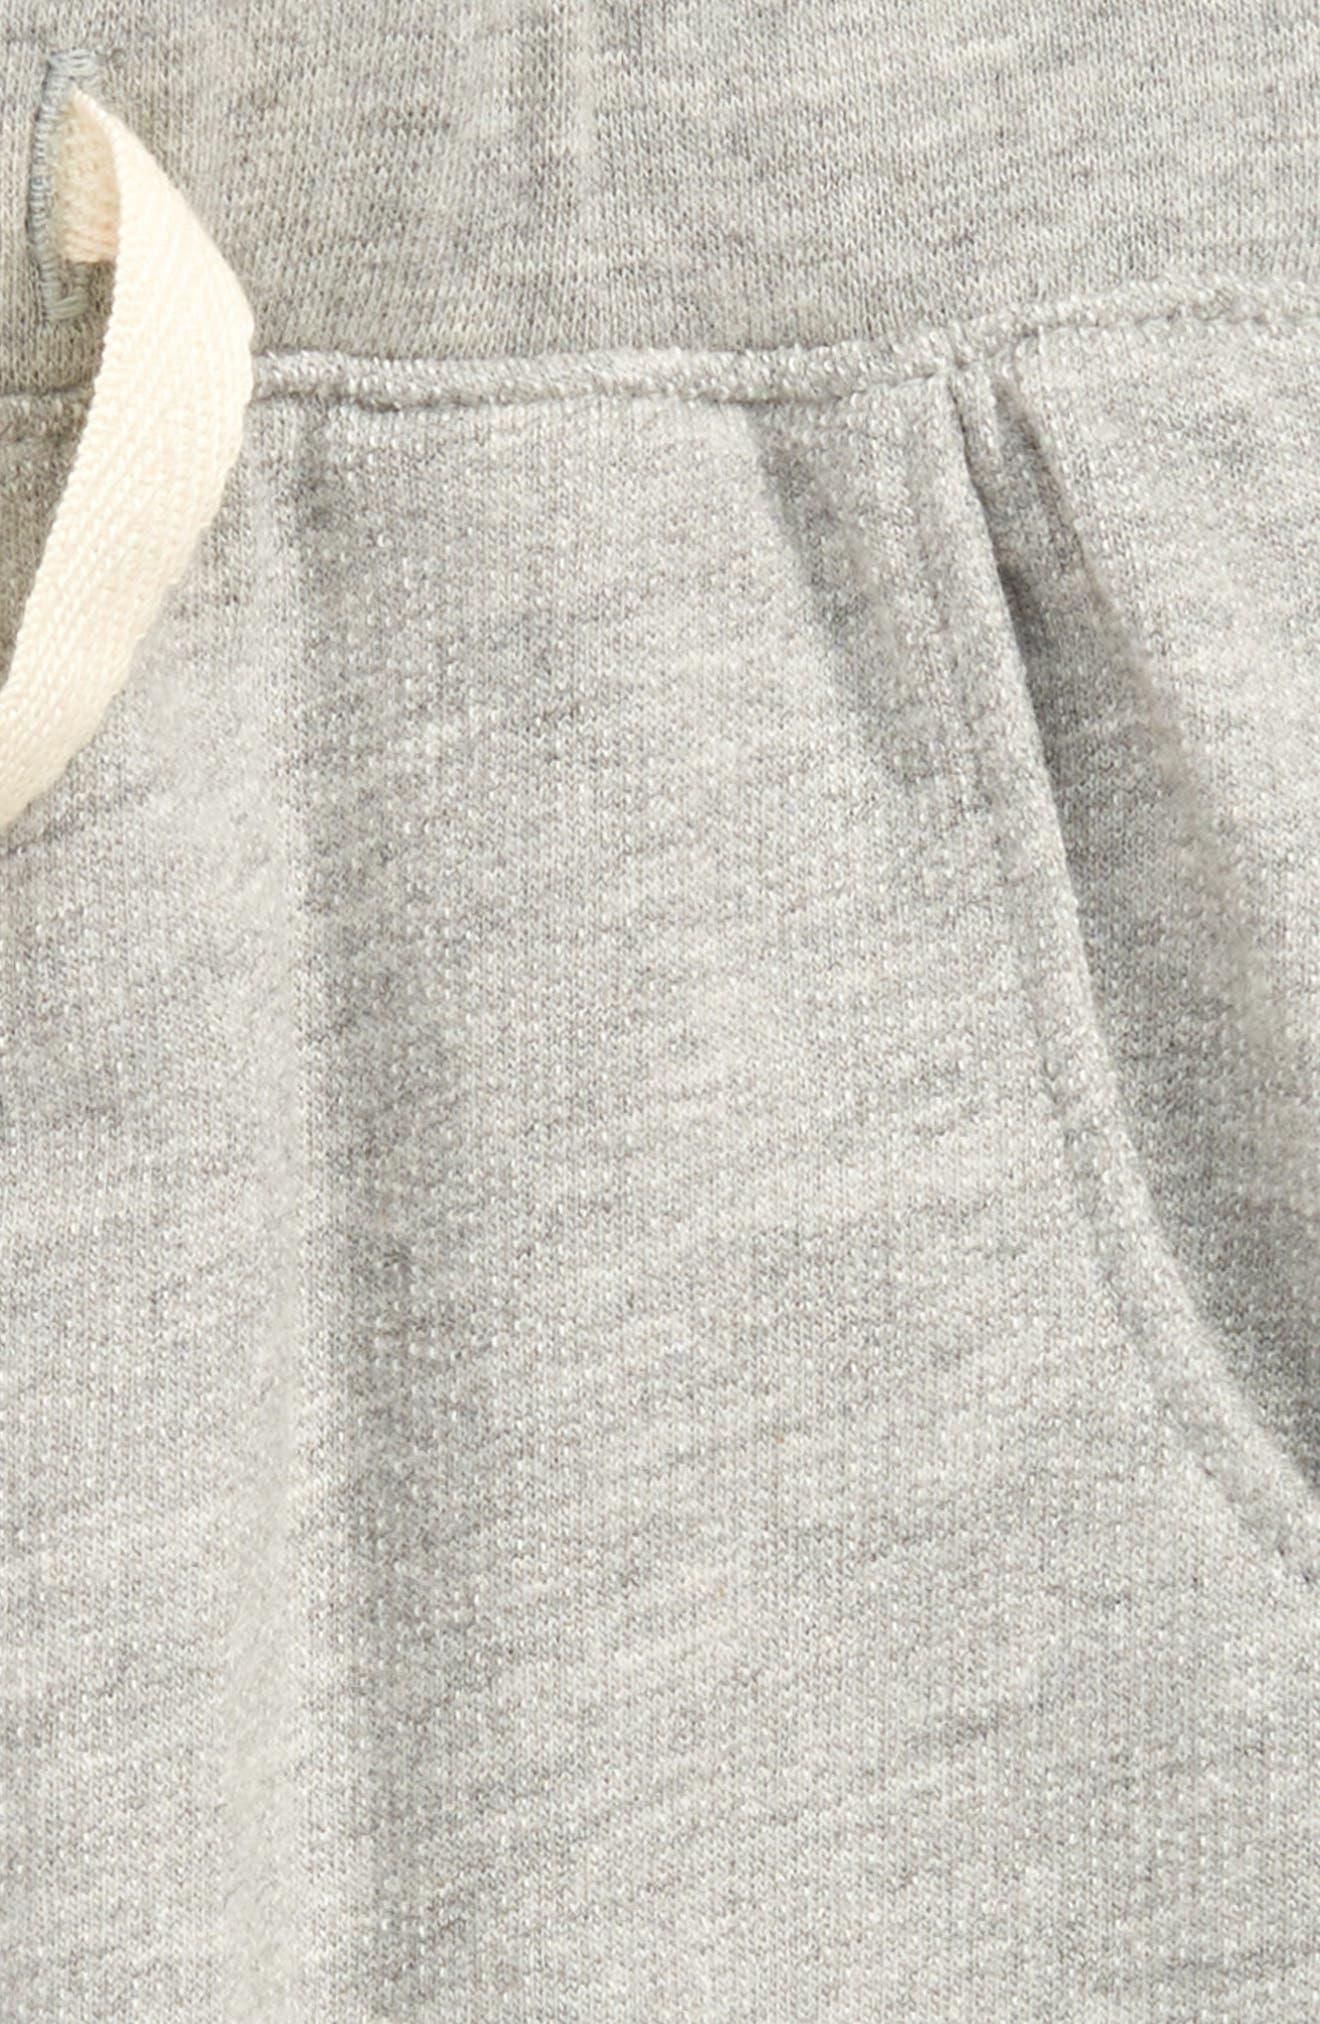 PEEK ESSENTIALS,                             Peek Jordan Jogger Pants,                             Alternate thumbnail 2, color,                             031